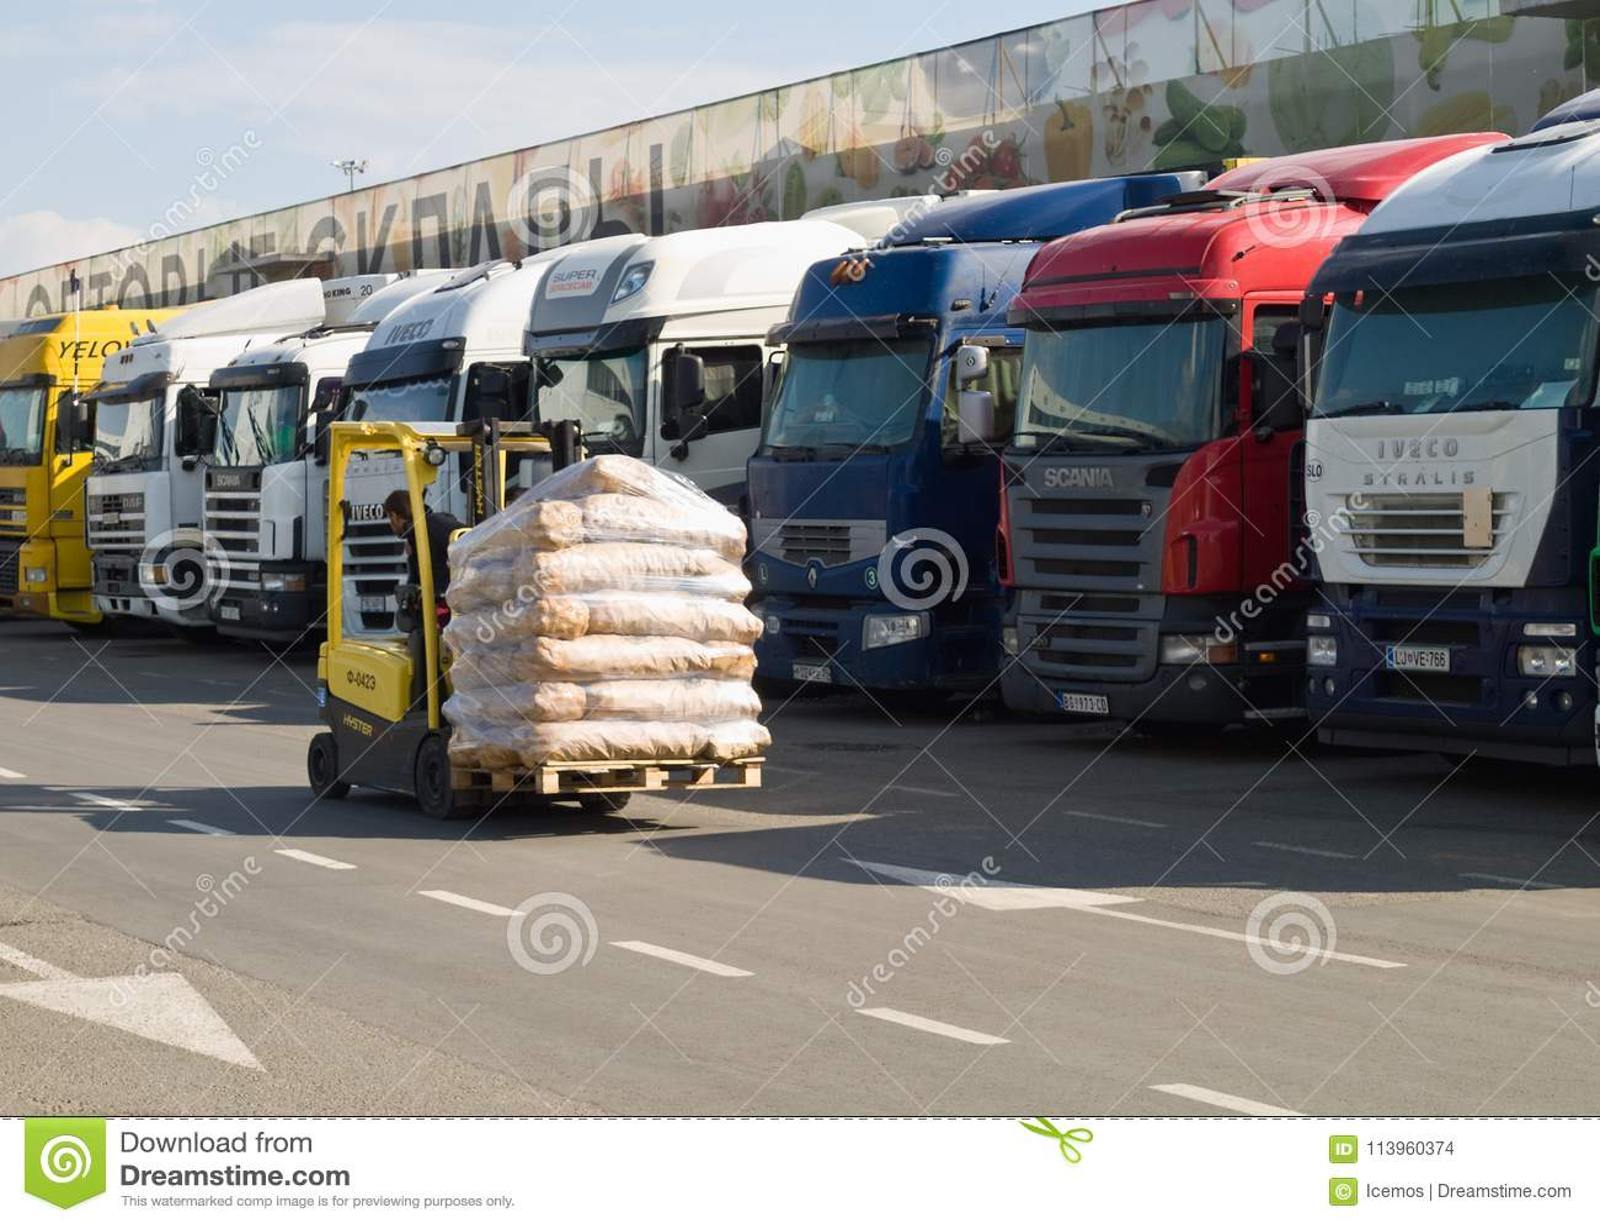 Ηλεκτρικό forklift με το φορτίο στο υπόβαθρο μιας μακροχρόνιας σειράς φορτηγών που στέκονται στην εκφόρτωση στην αποθήκη εμπορευμ